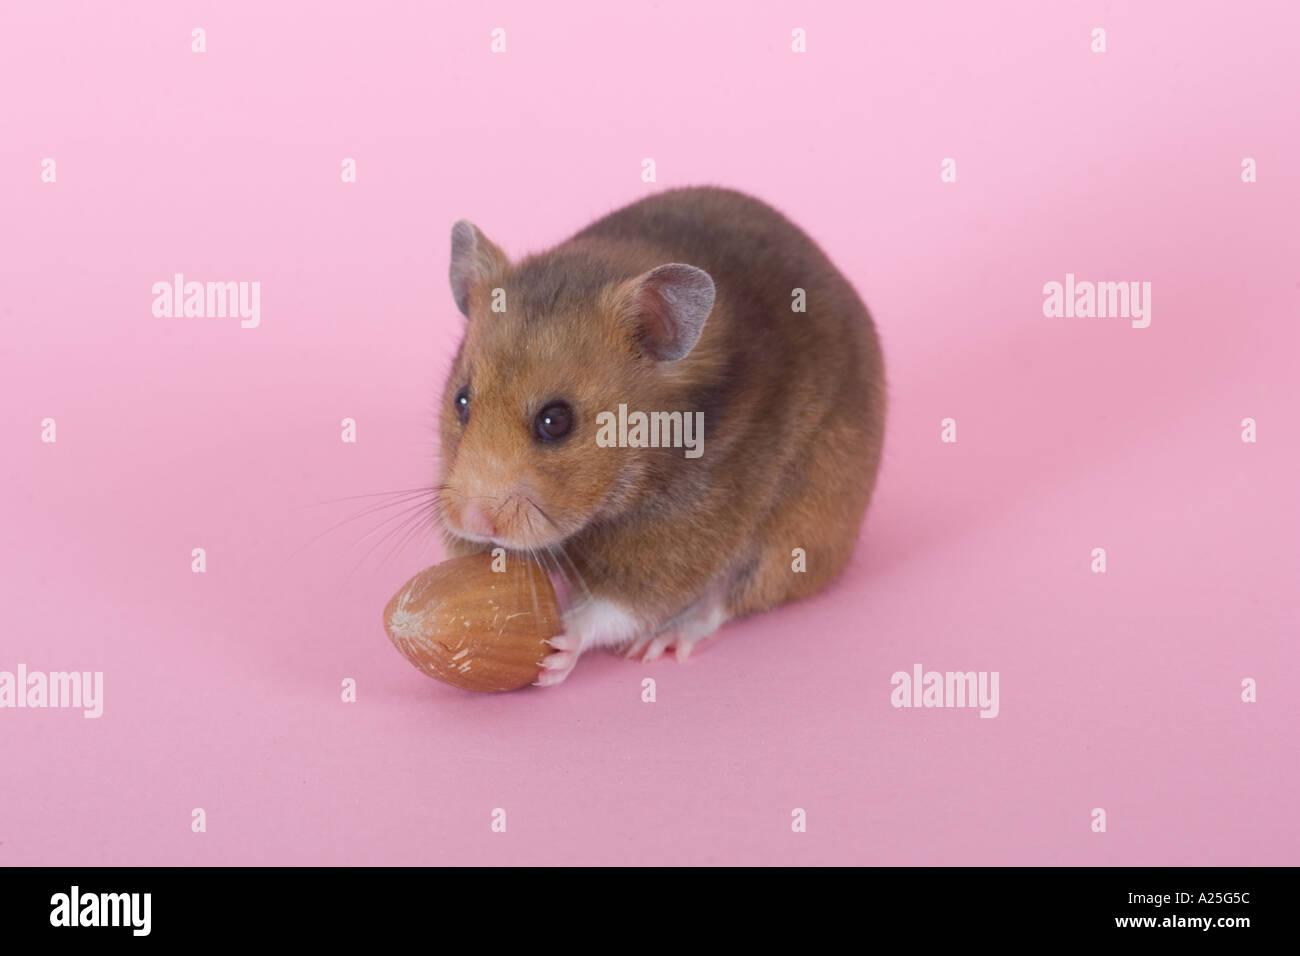 Nut Free Hamster Food